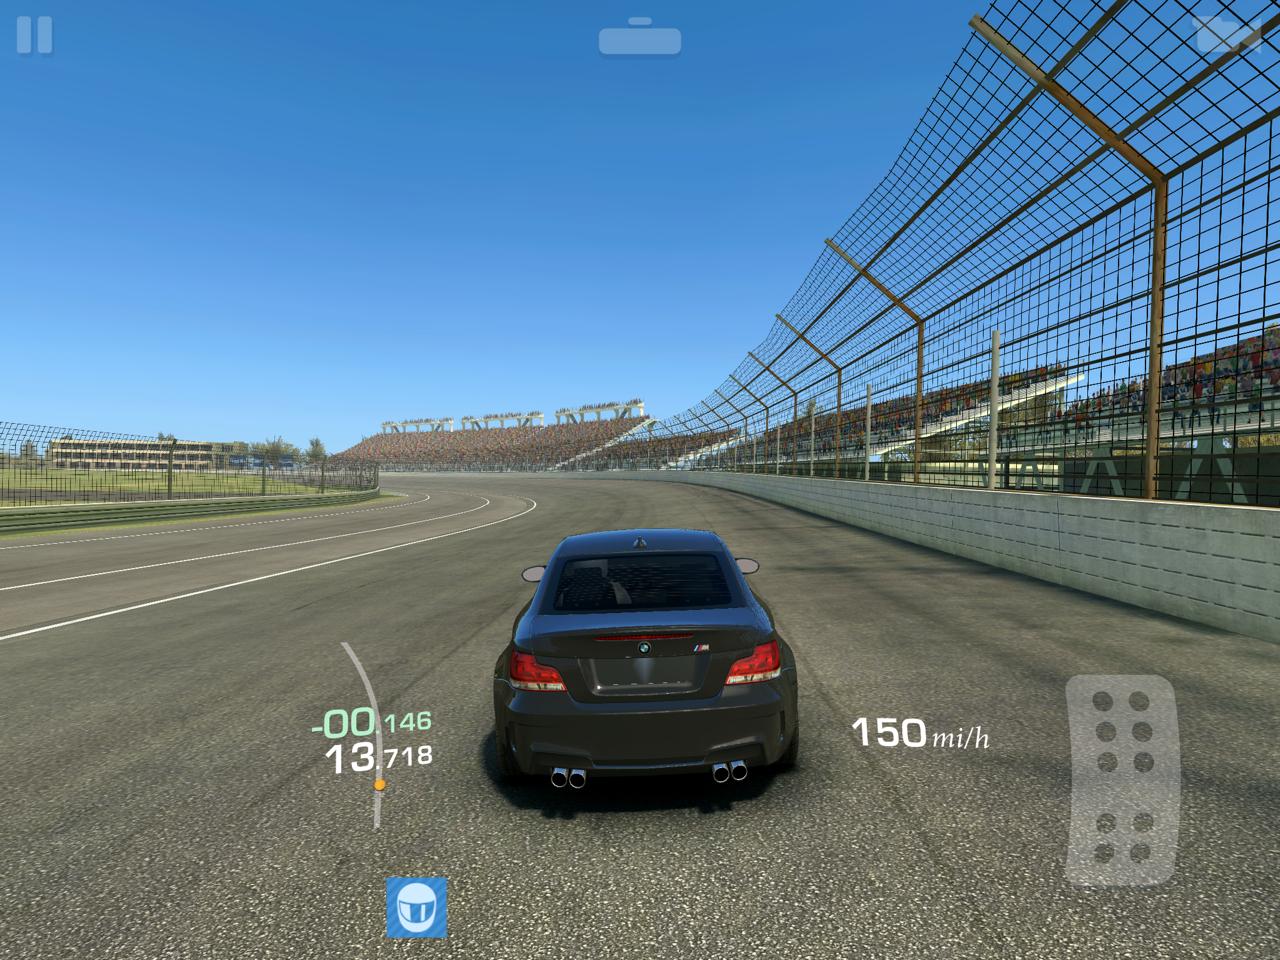 6 Jeux De Course Gratuits Pour Iphone, Ipad, Android Et encequiconcerne Jeux De Voiture Au Volant